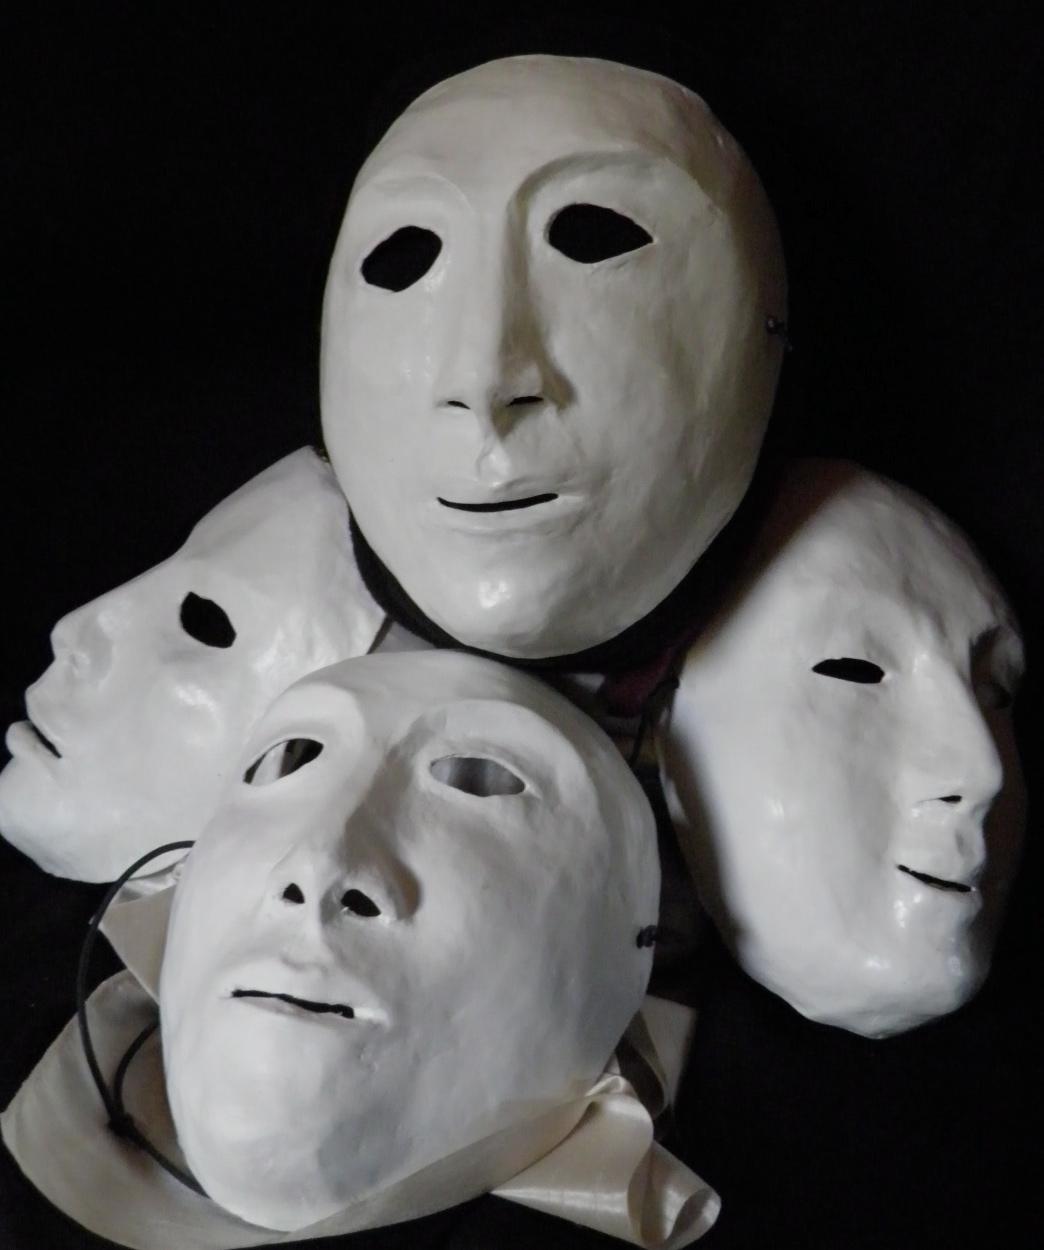 Le masque de collagène pour la personne le meilleur les rappels